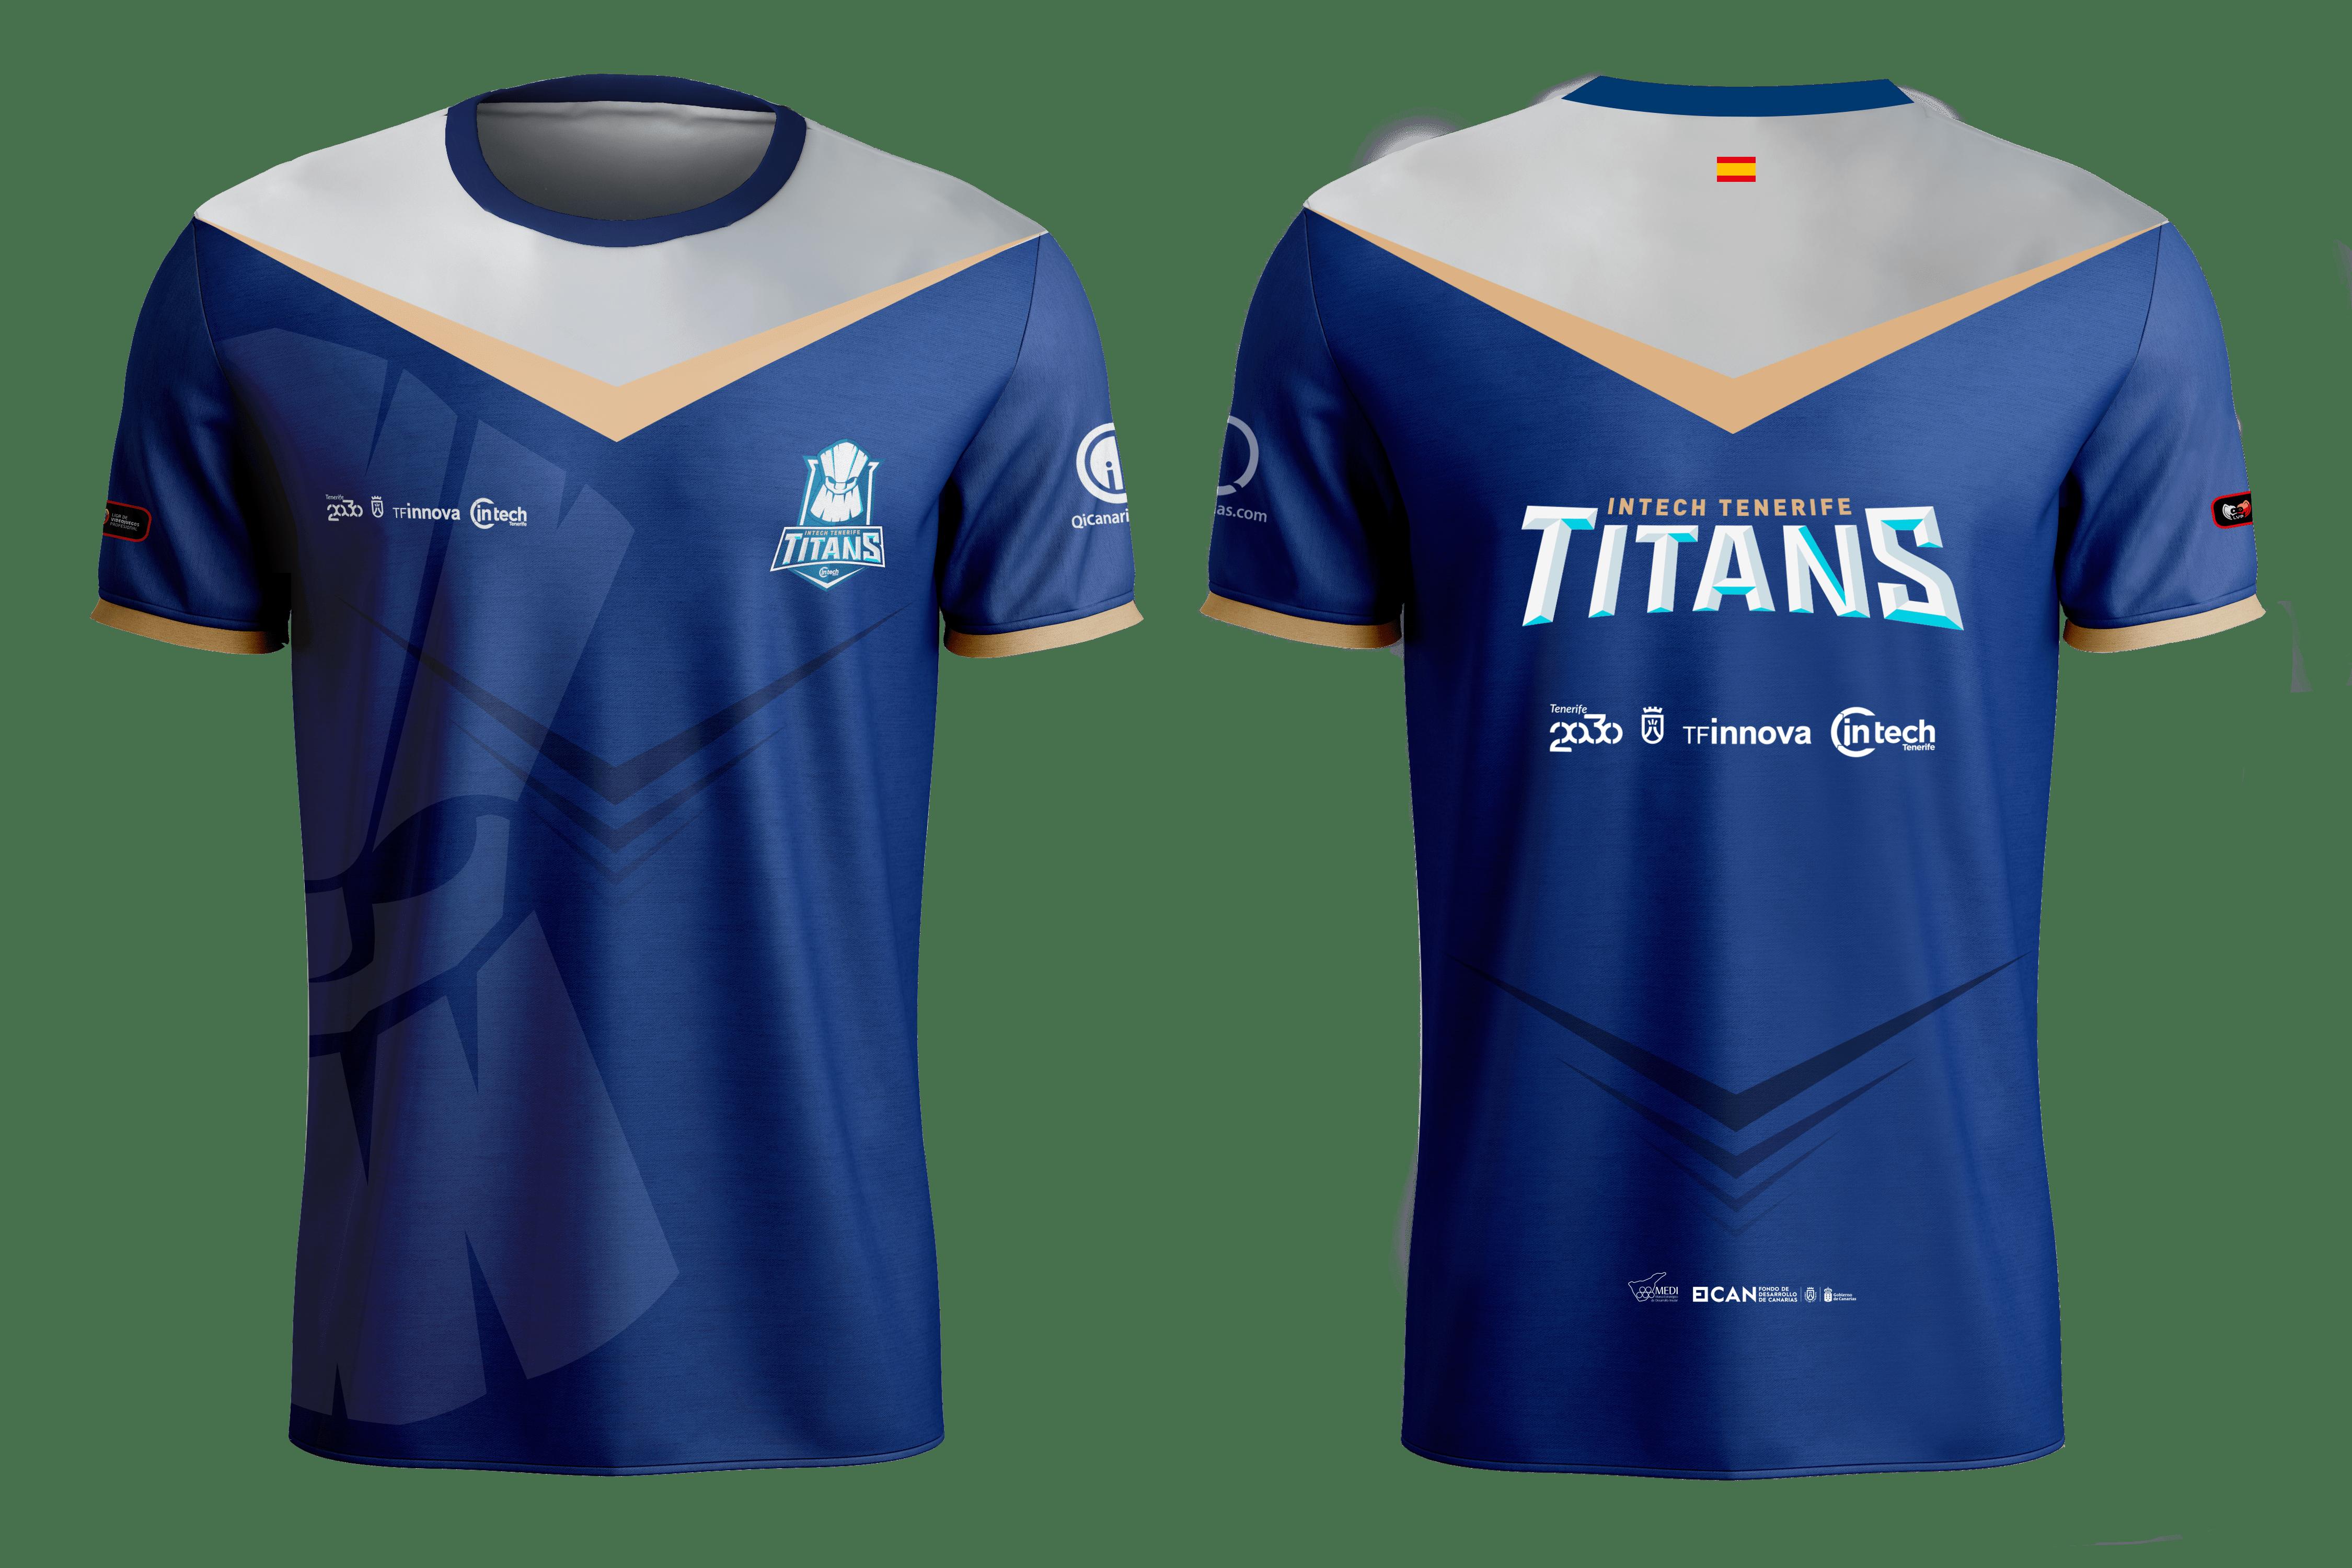 https://titans.es/wp-content/uploads/2019/05/camiseta_técnica_ITT-min.png